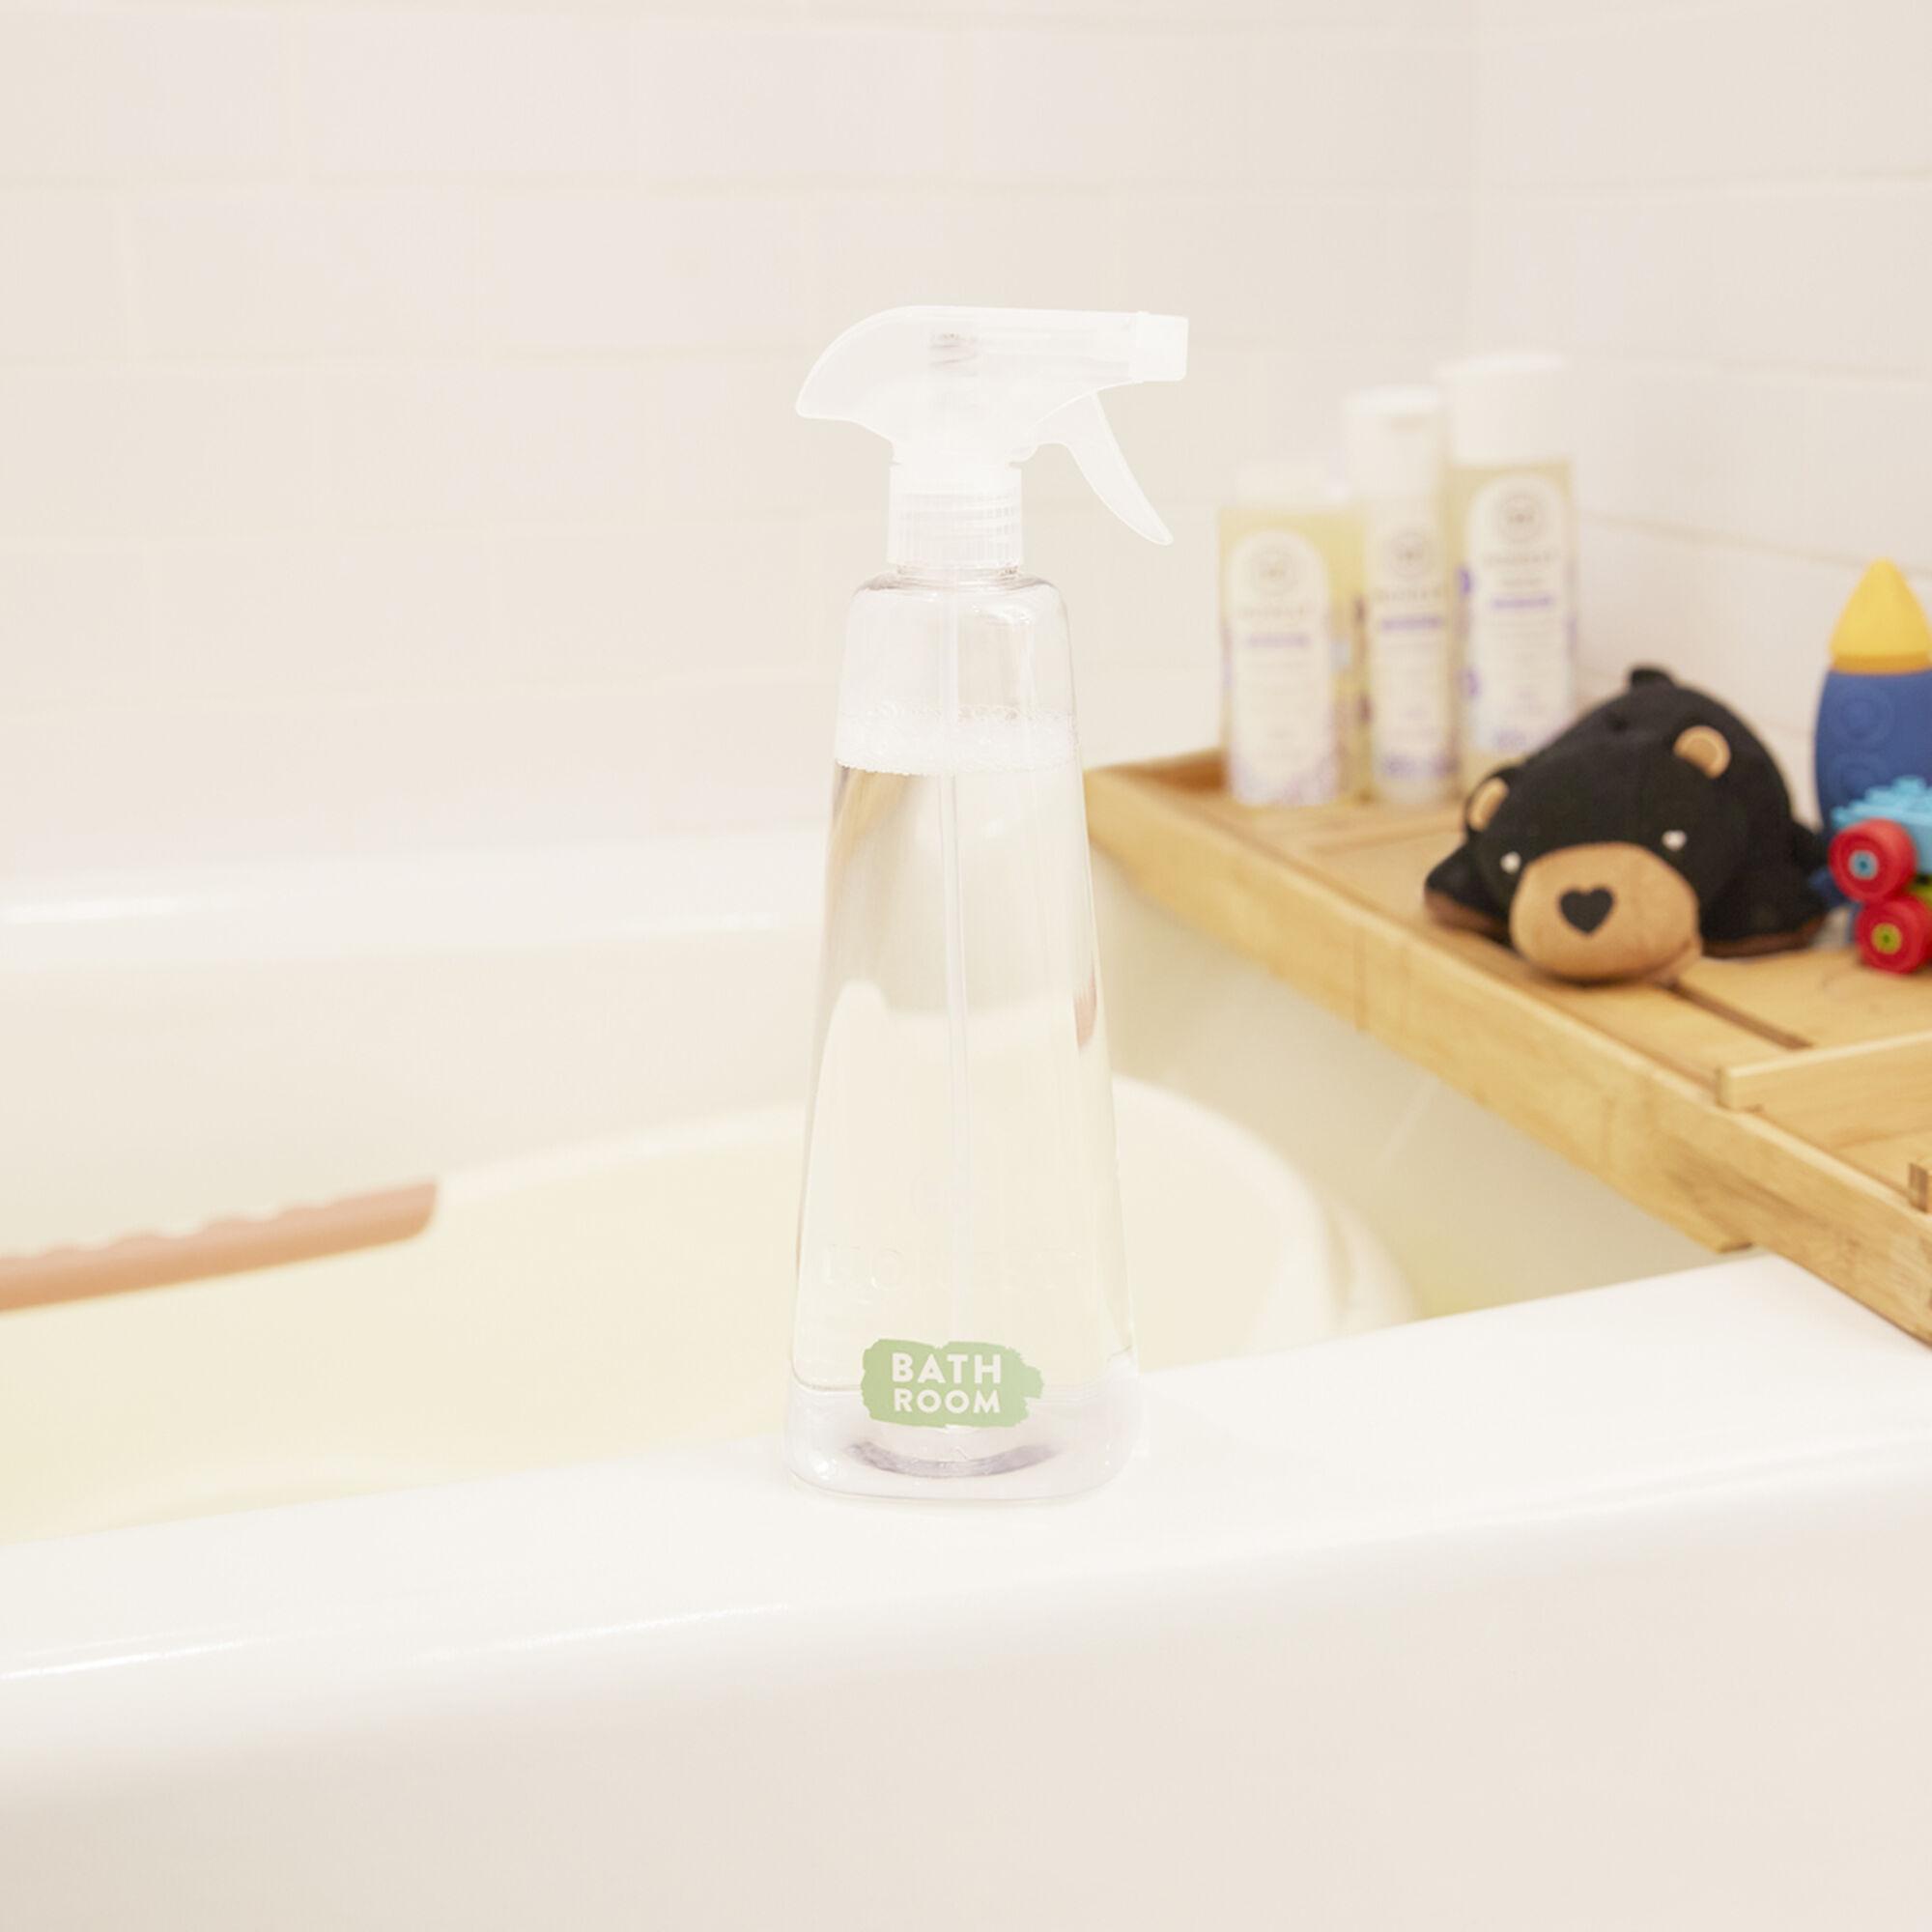 Bathroom Refillable Cleaning Kit, Starter Set